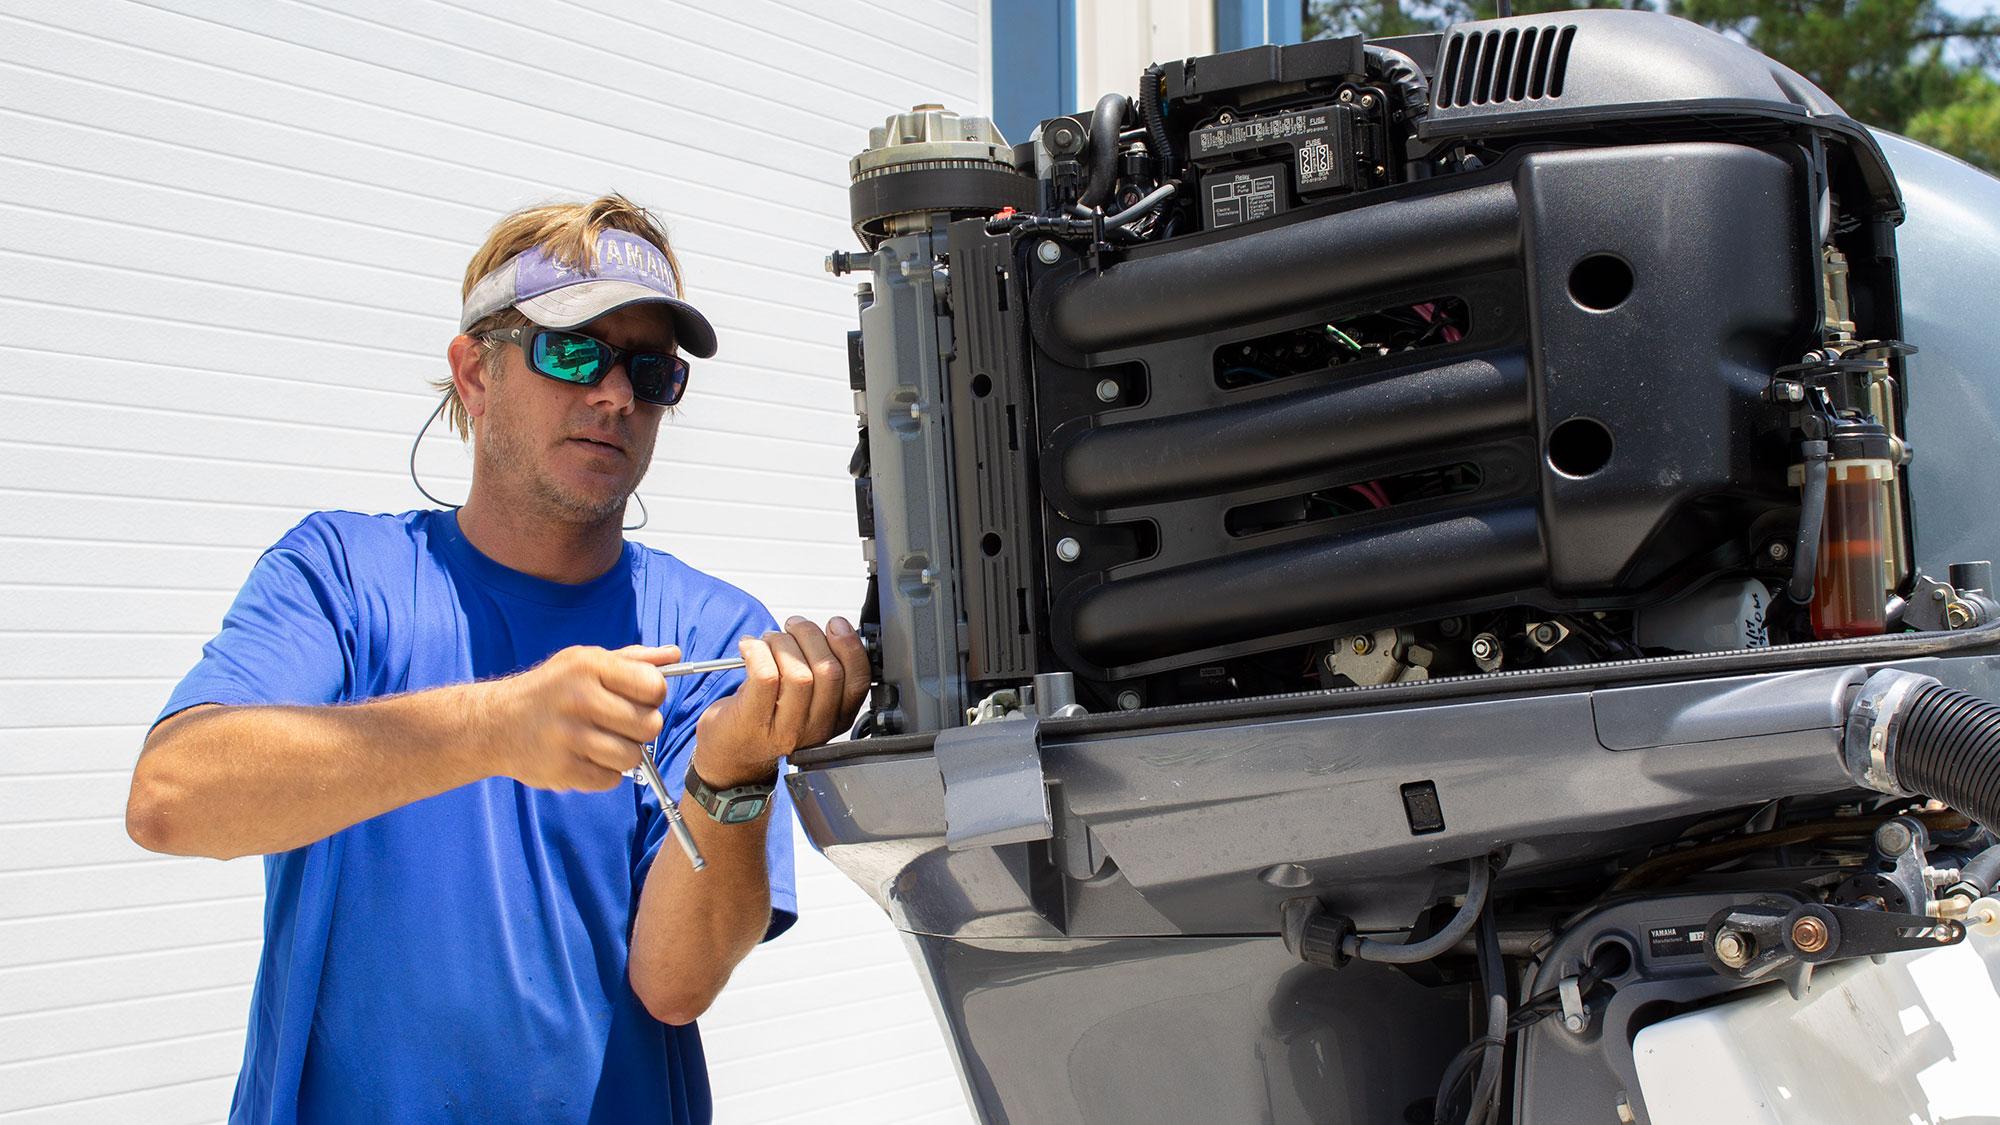 Repairing Yamaha Engine